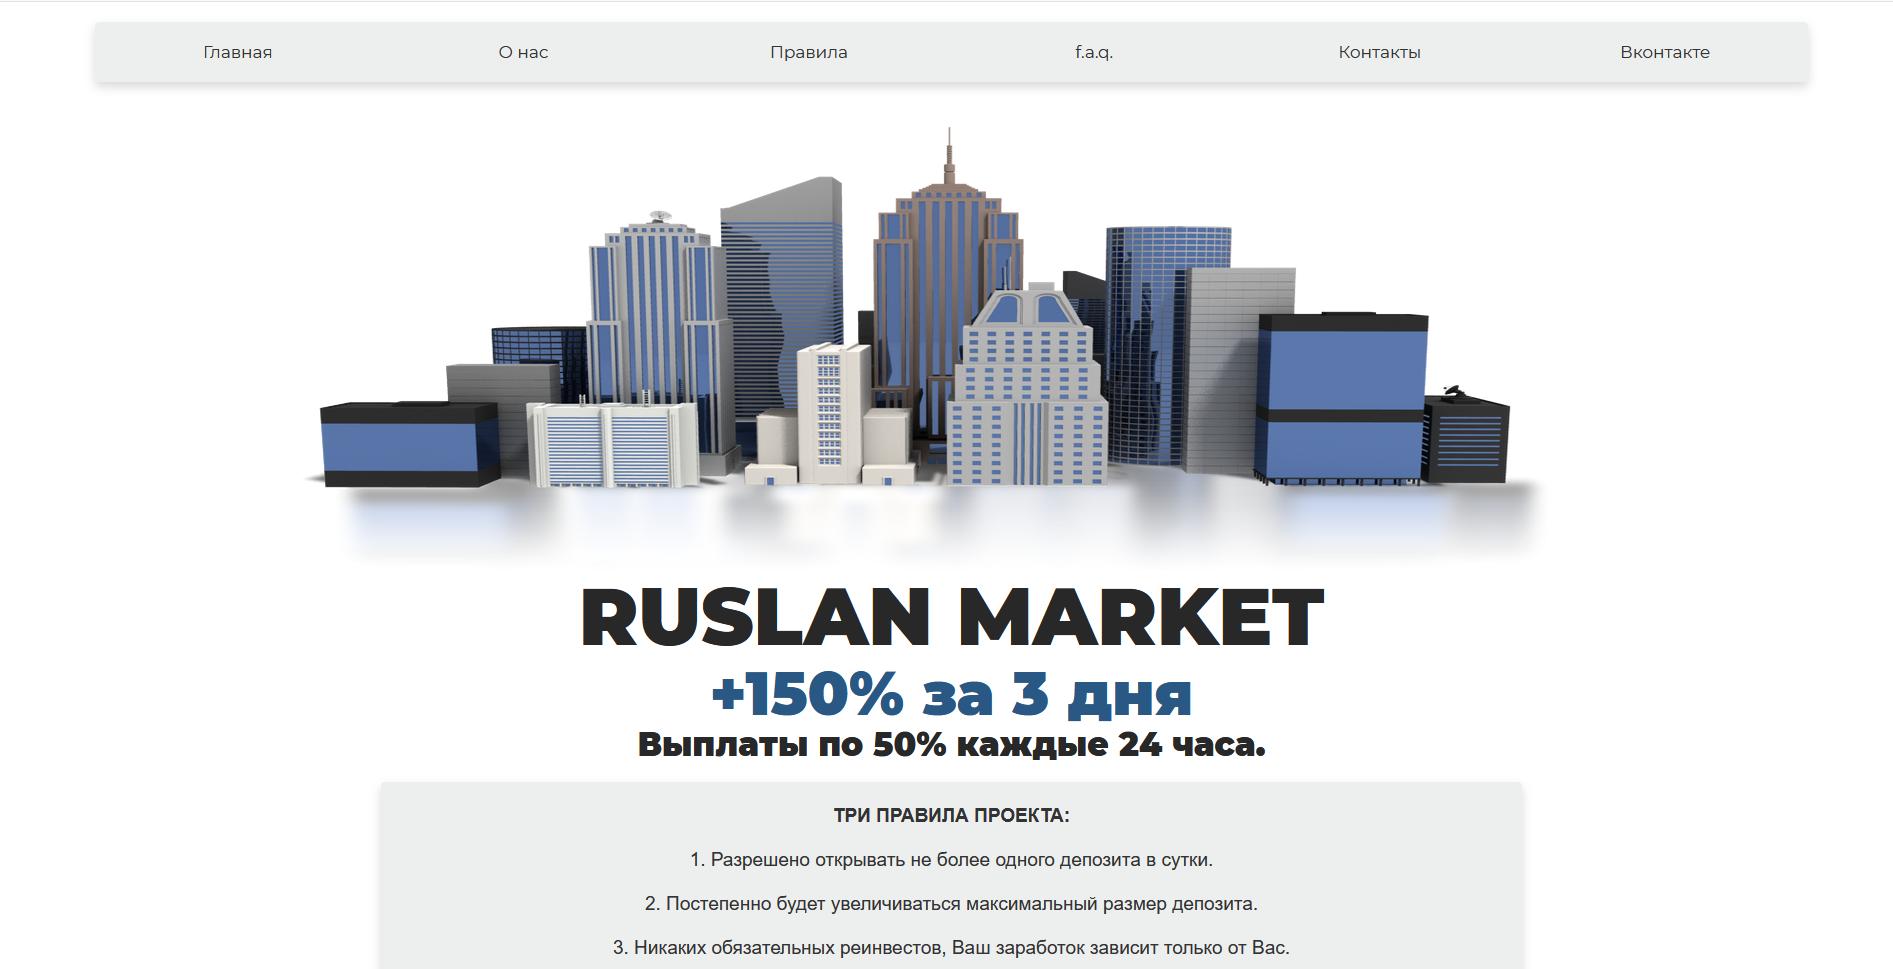 ruslan-market